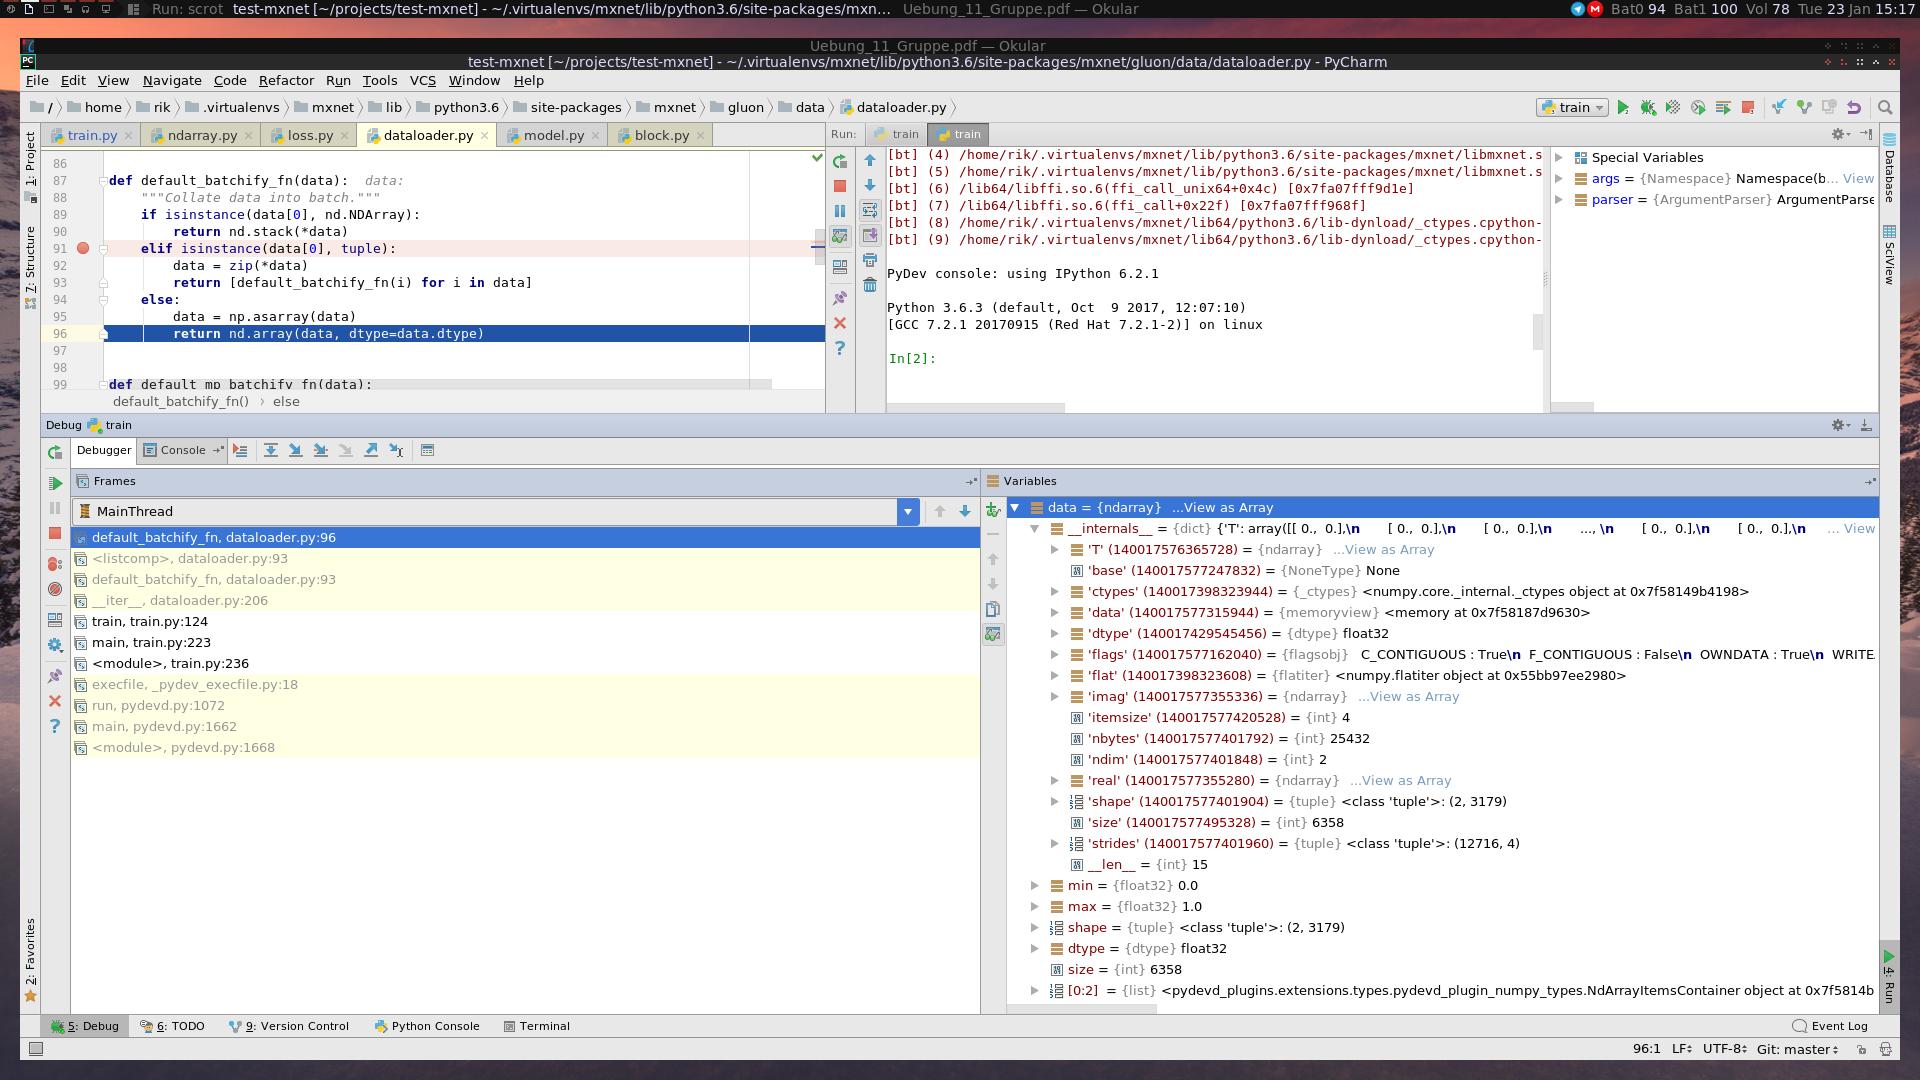 KeyError: <class 'numpy object_'> in mx nd array empty